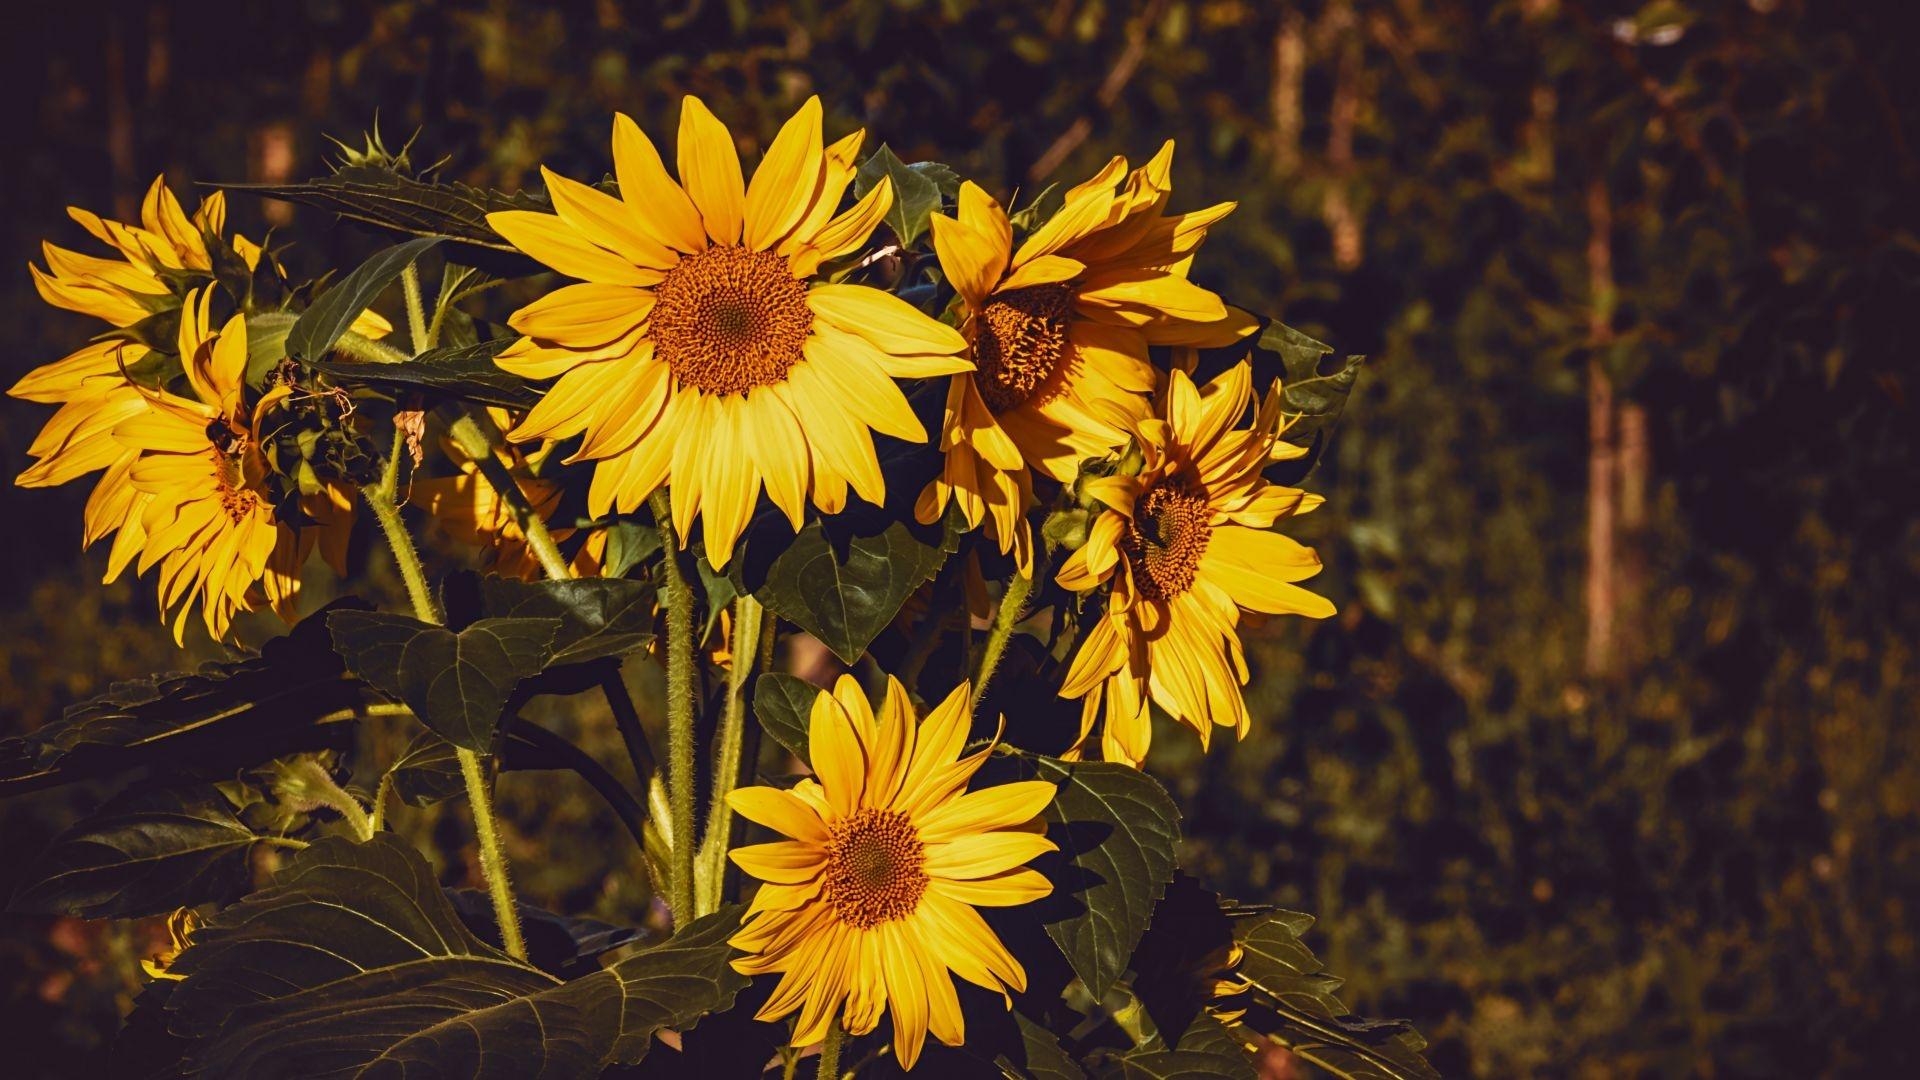 Sunflower windows background